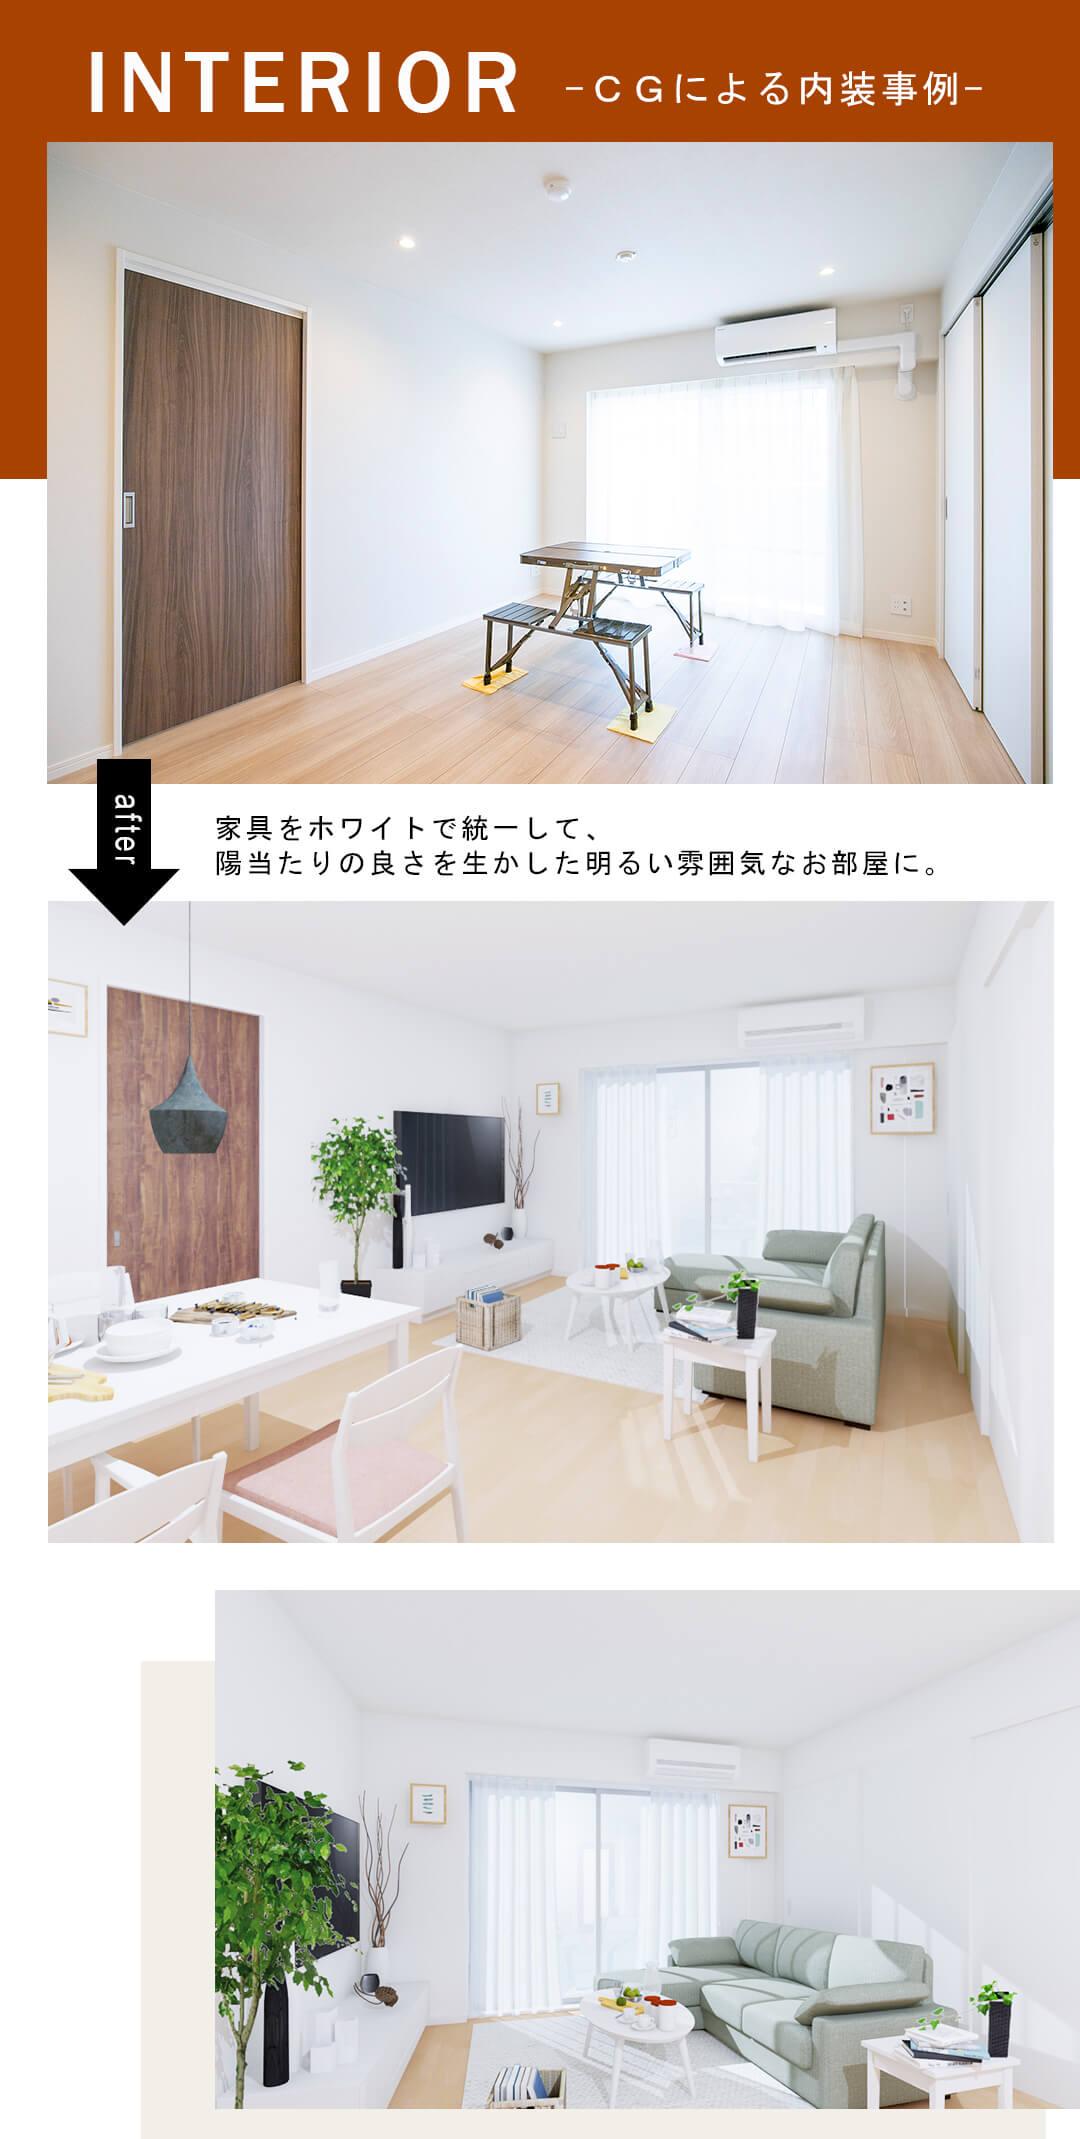 横浜伊勢佐木南パーク・ホームズのCGによる内装事例(リビングダイニング)